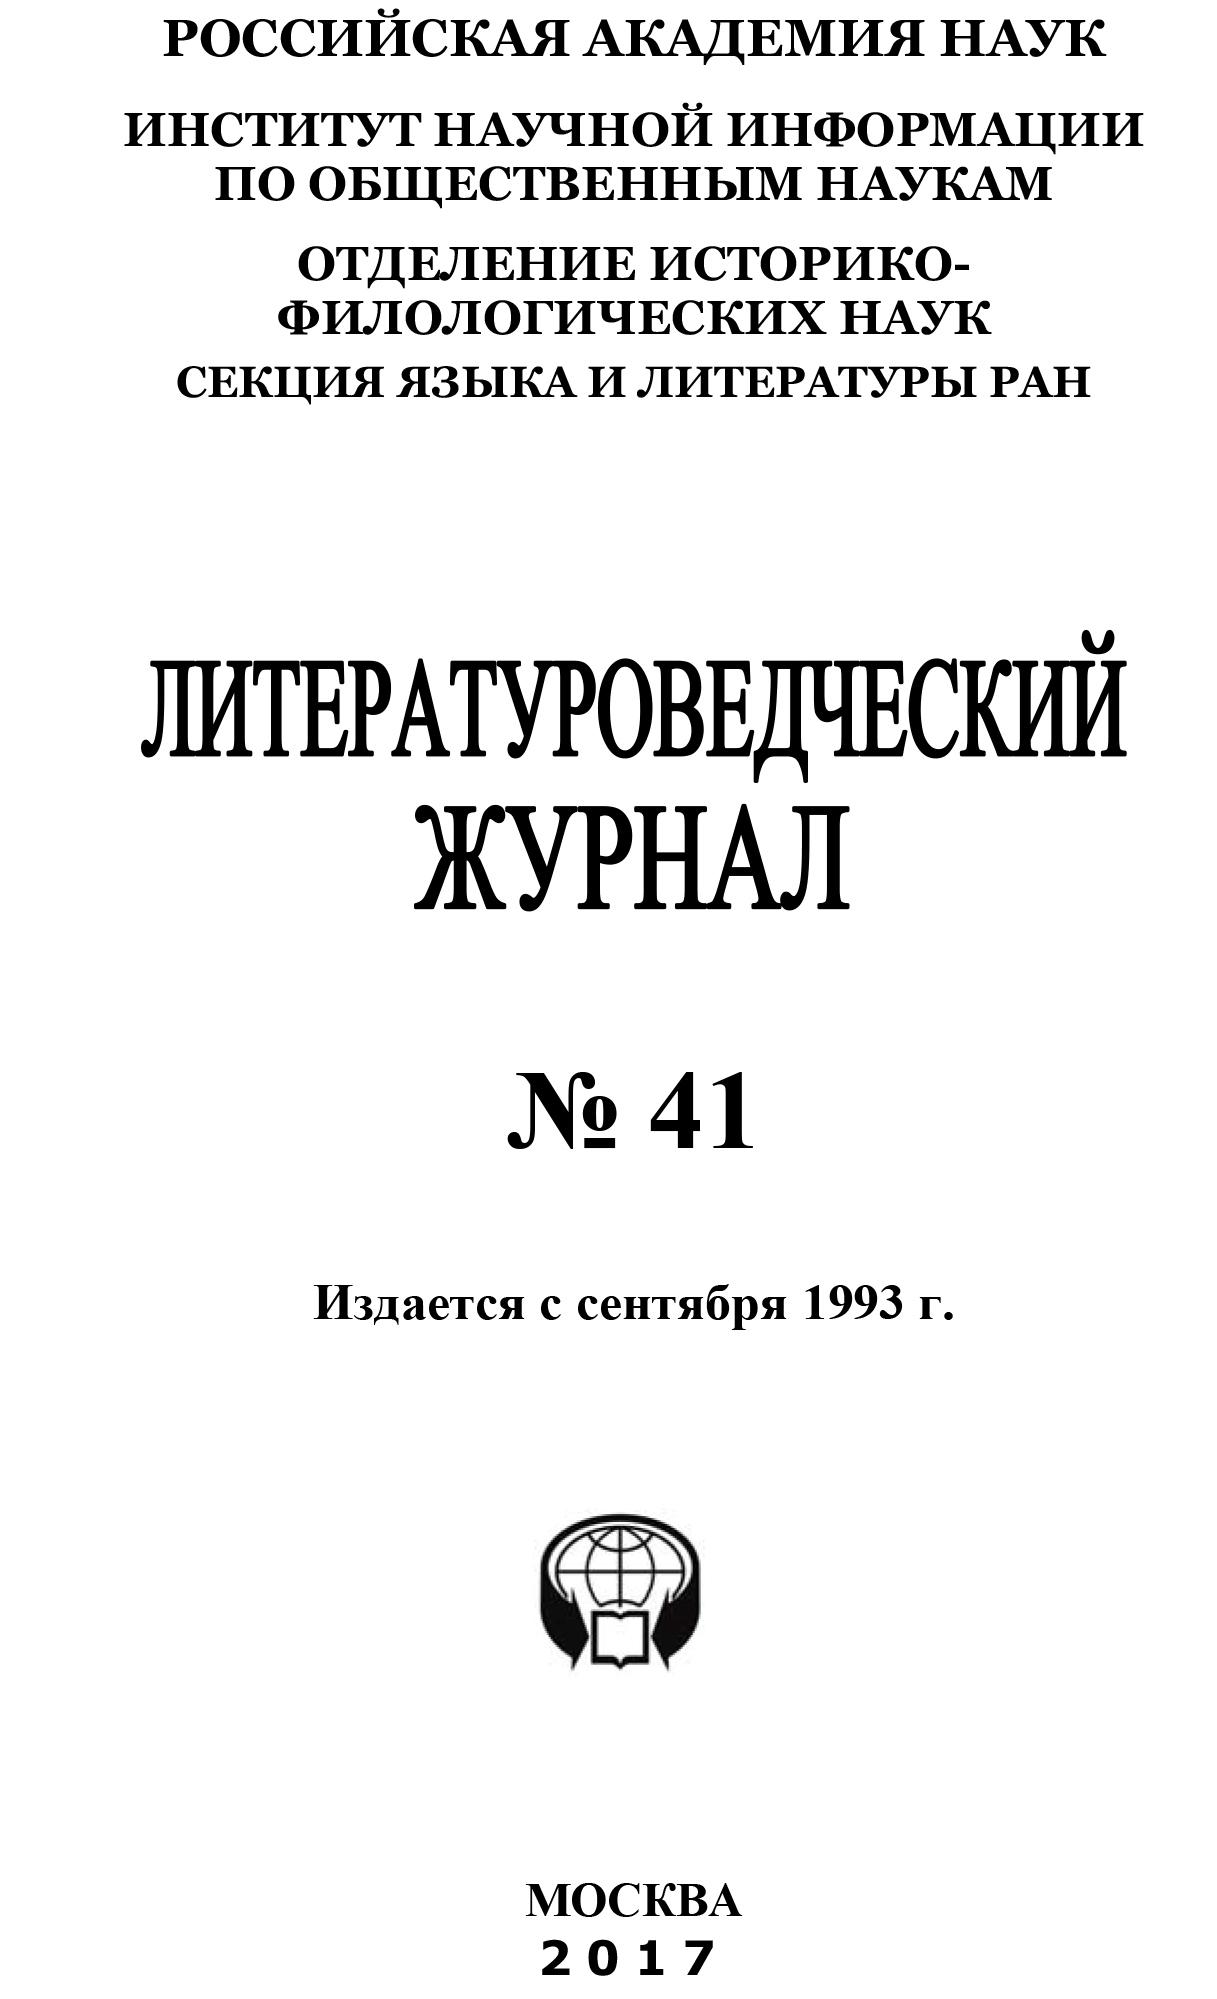 Коллектив авторов Литературоведческий журнал №41 / 2017 журнал бич 23 1917 г